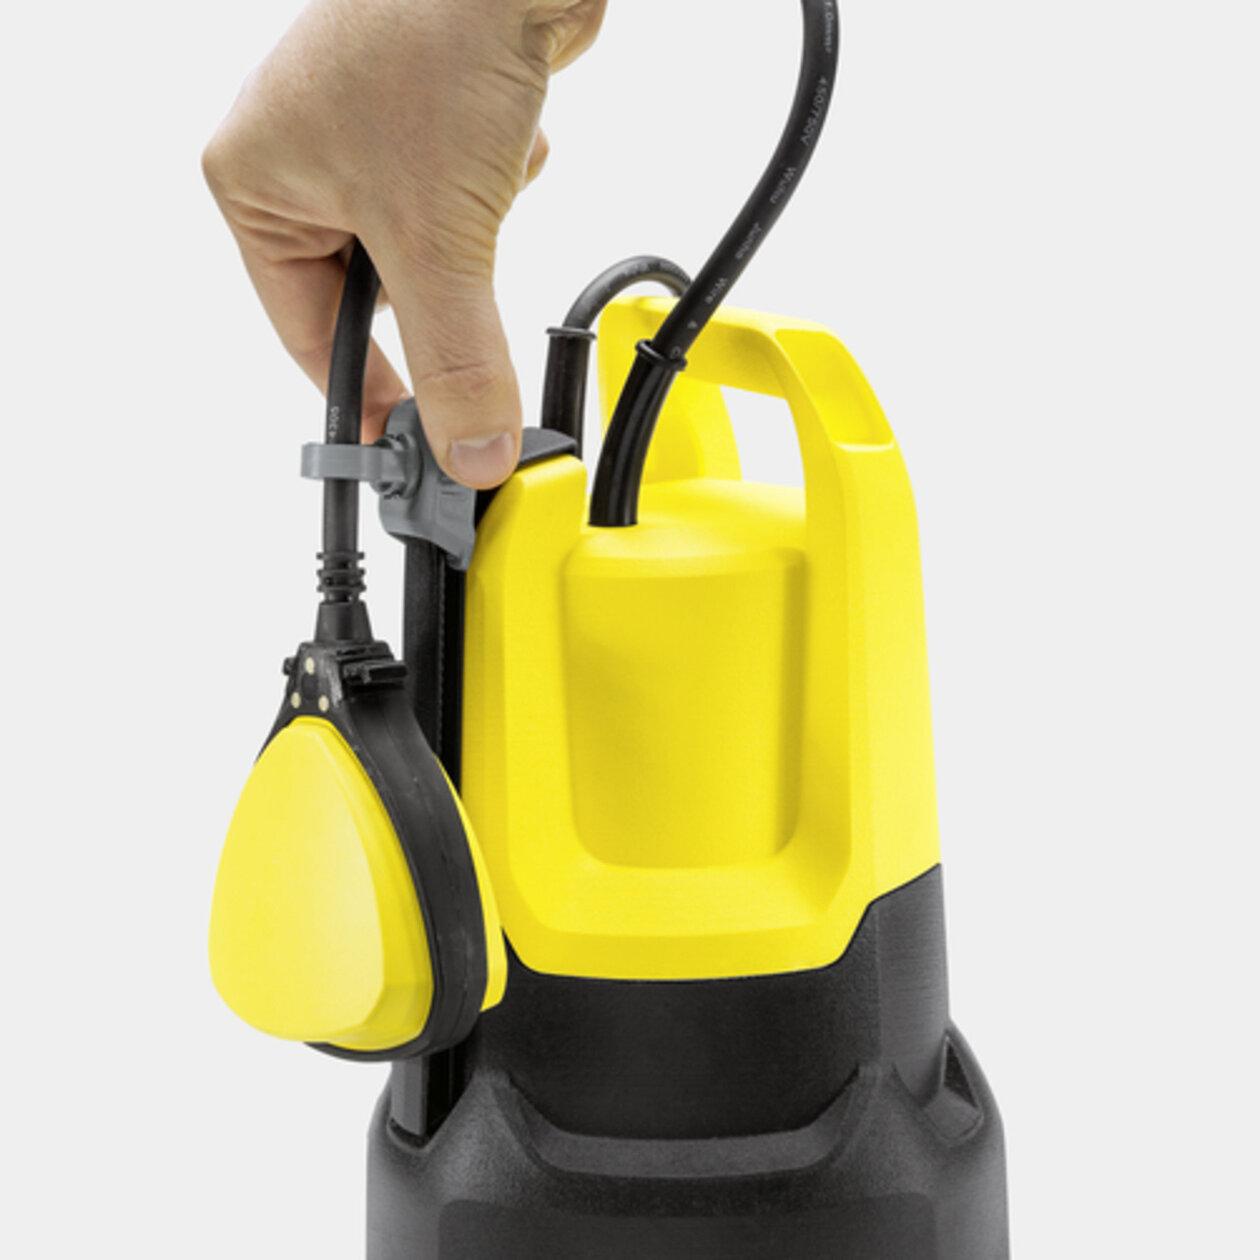 Дренажный насос для грязной воды SP 5 Dirt: Регулируемый по высоте поплавковый выключатель